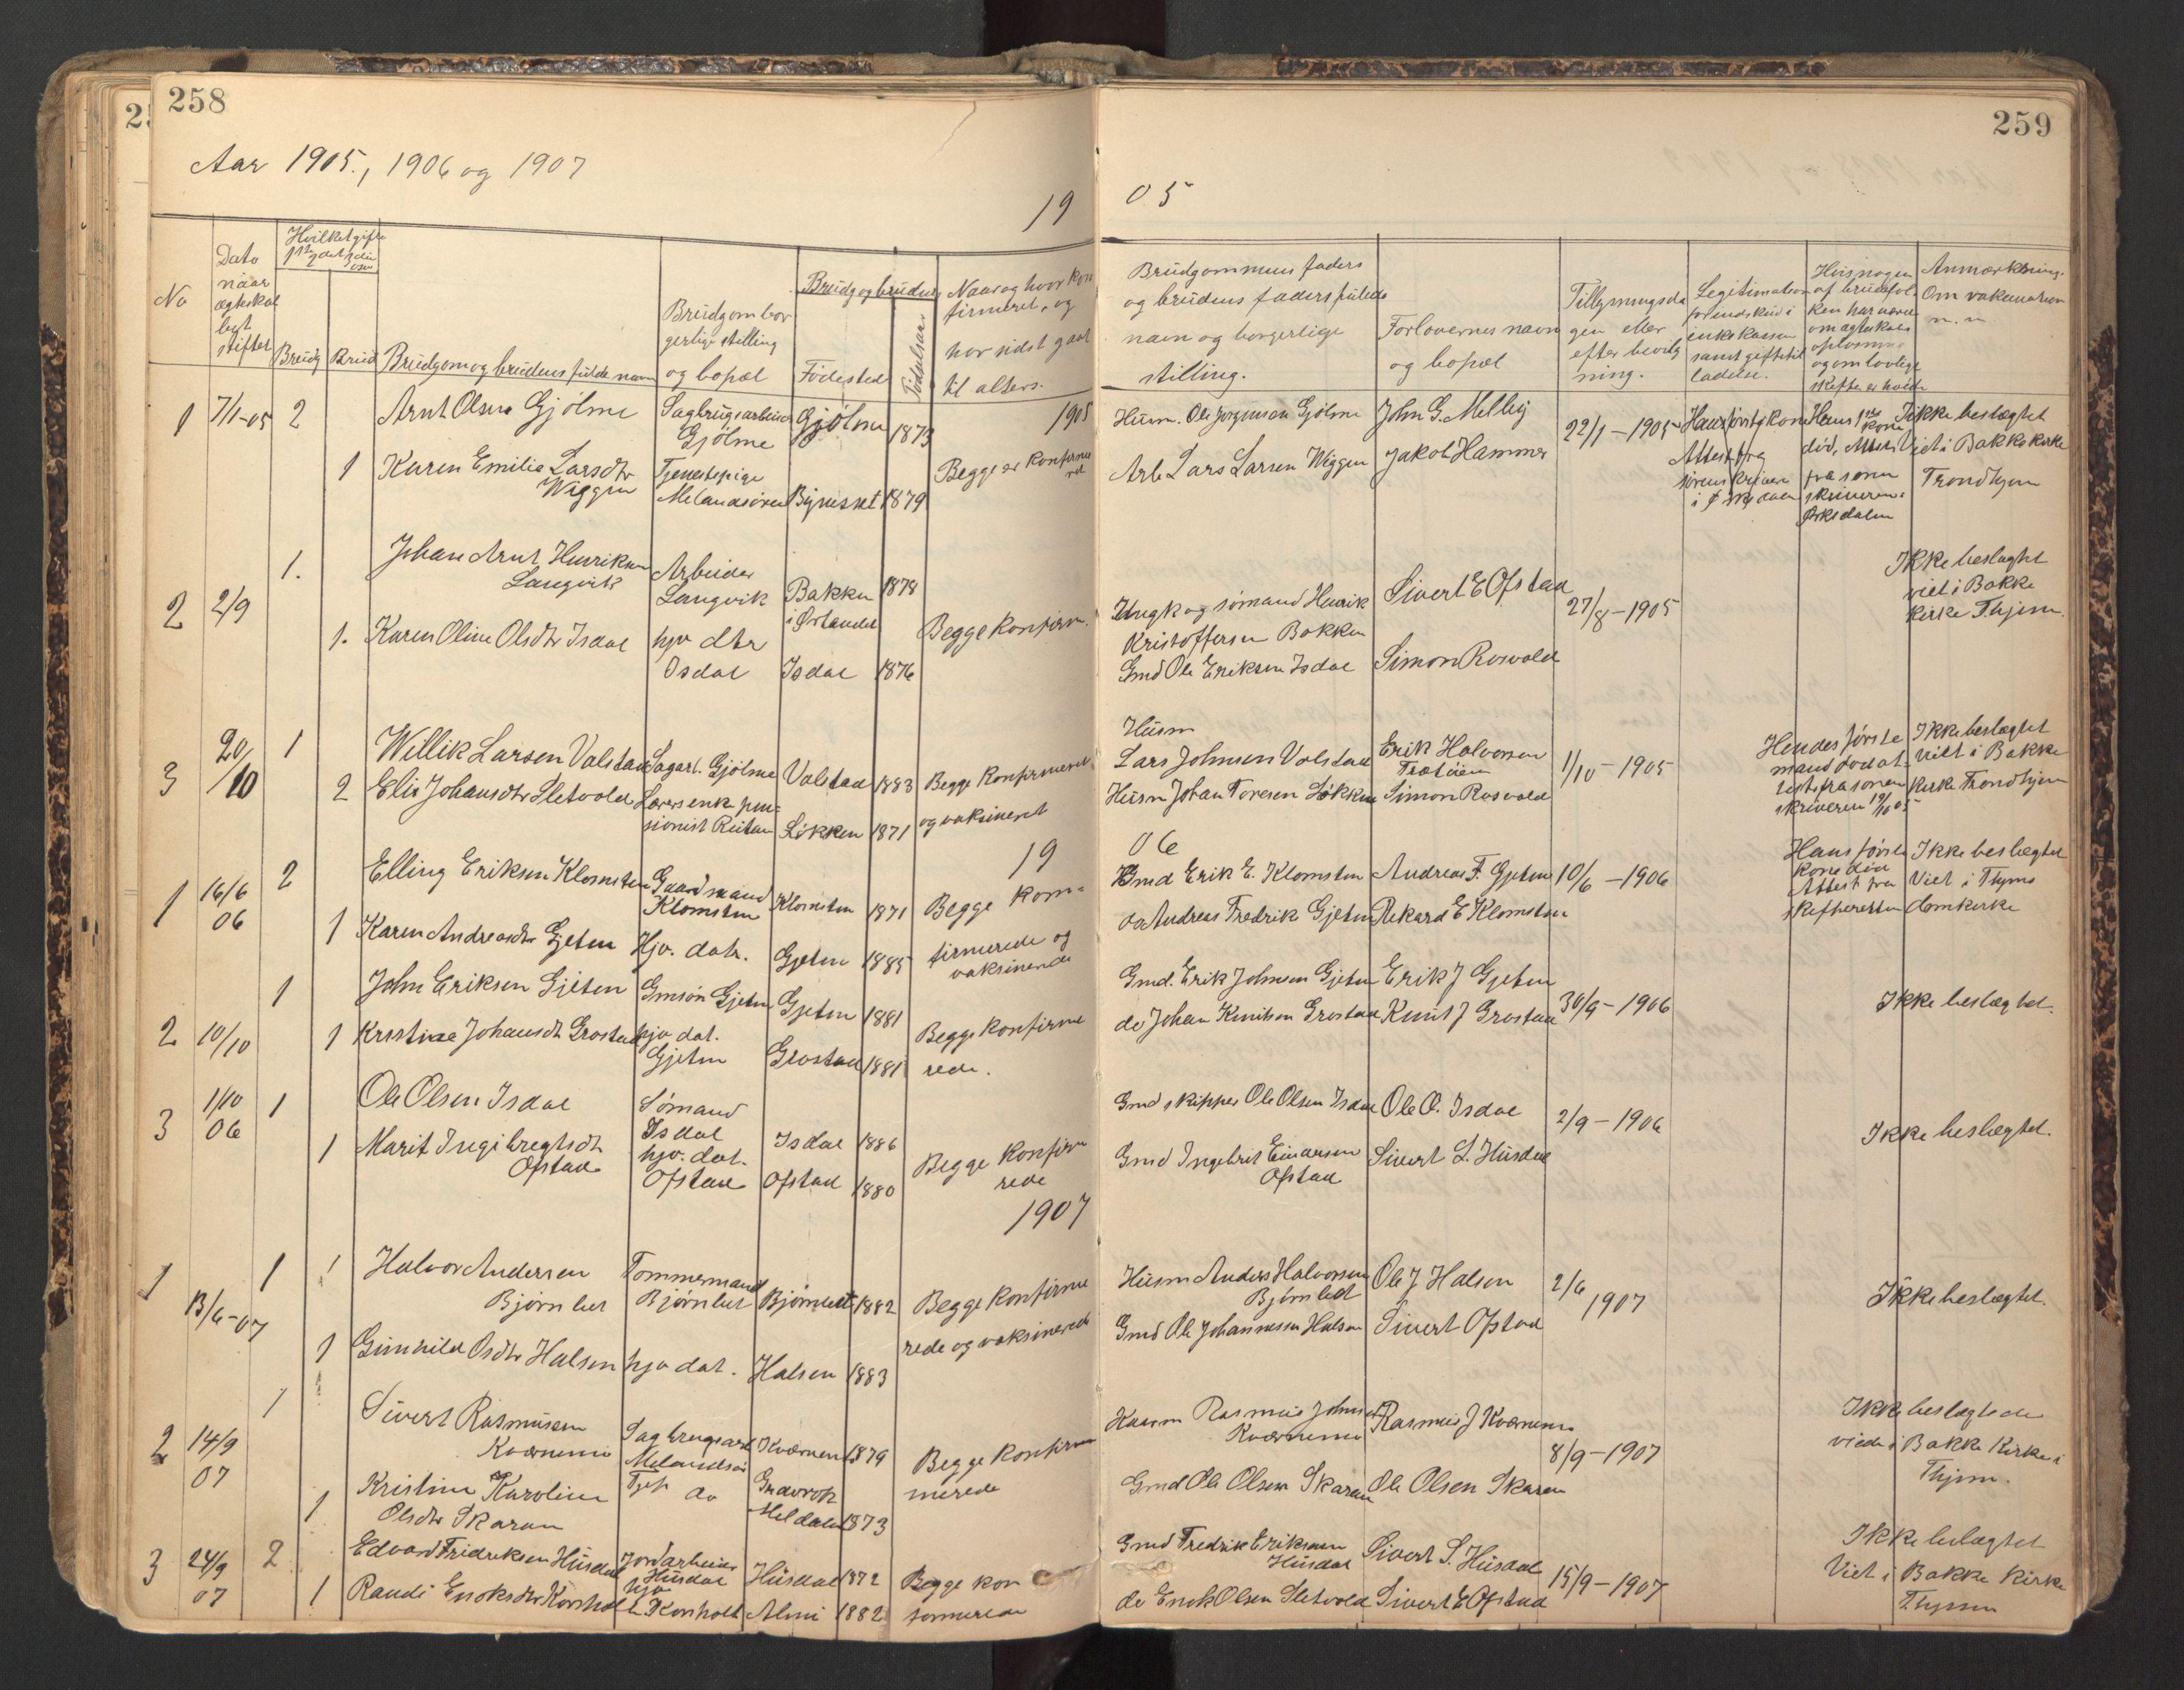 SAT, Ministerialprotokoller, klokkerbøker og fødselsregistre - Sør-Trøndelag, 670/L0837: Klokkerbok nr. 670C01, 1905-1946, s. 258-259